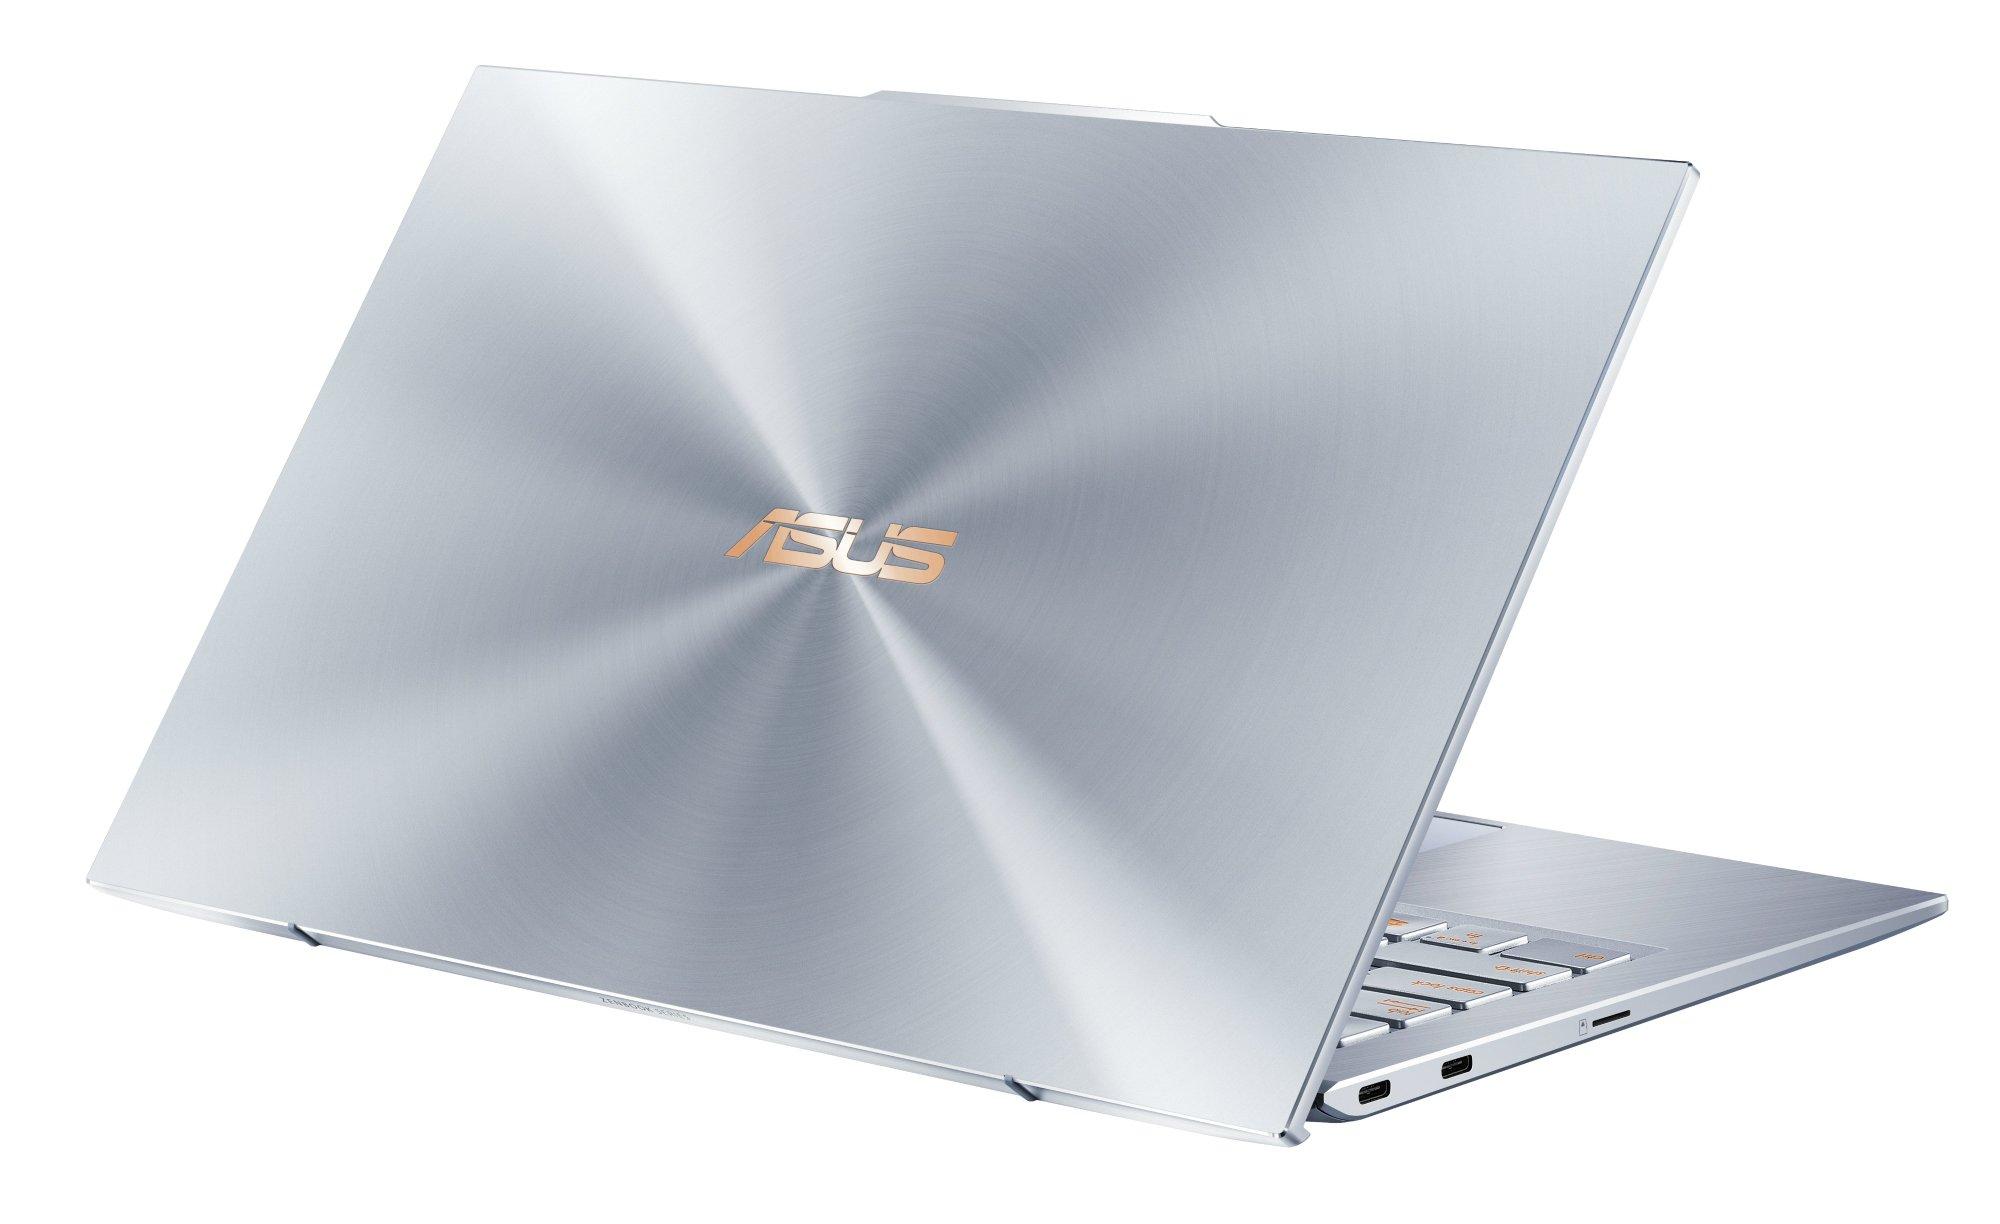 Die Rückseite des ASUS ZenBook S13 wird wieder vom klassischen ASUS Zen Design geprägt, das Aluminium-Unibody-Gehäuse macht schon einen sehr hochwertigen Eindruck!